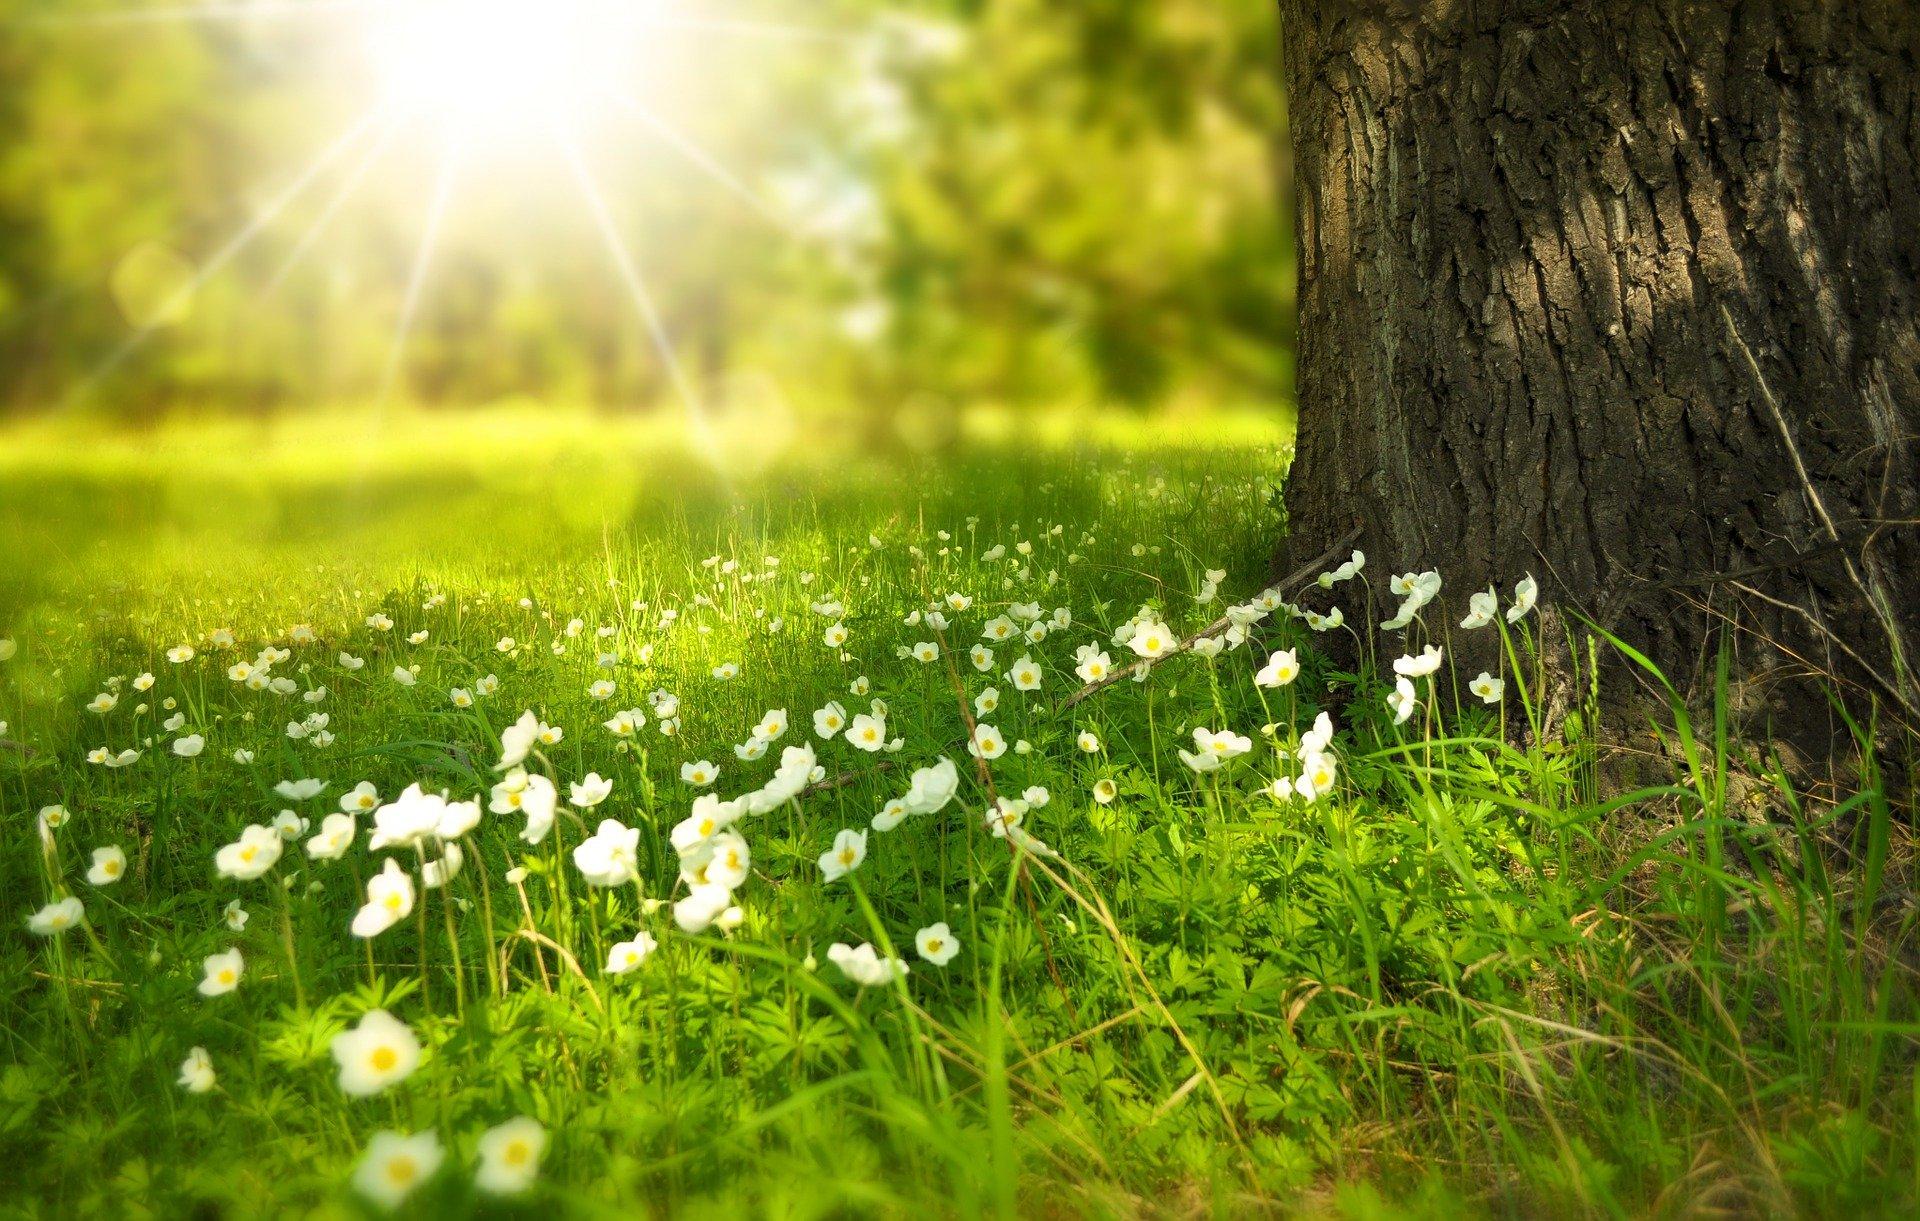 blomster, græs, træ